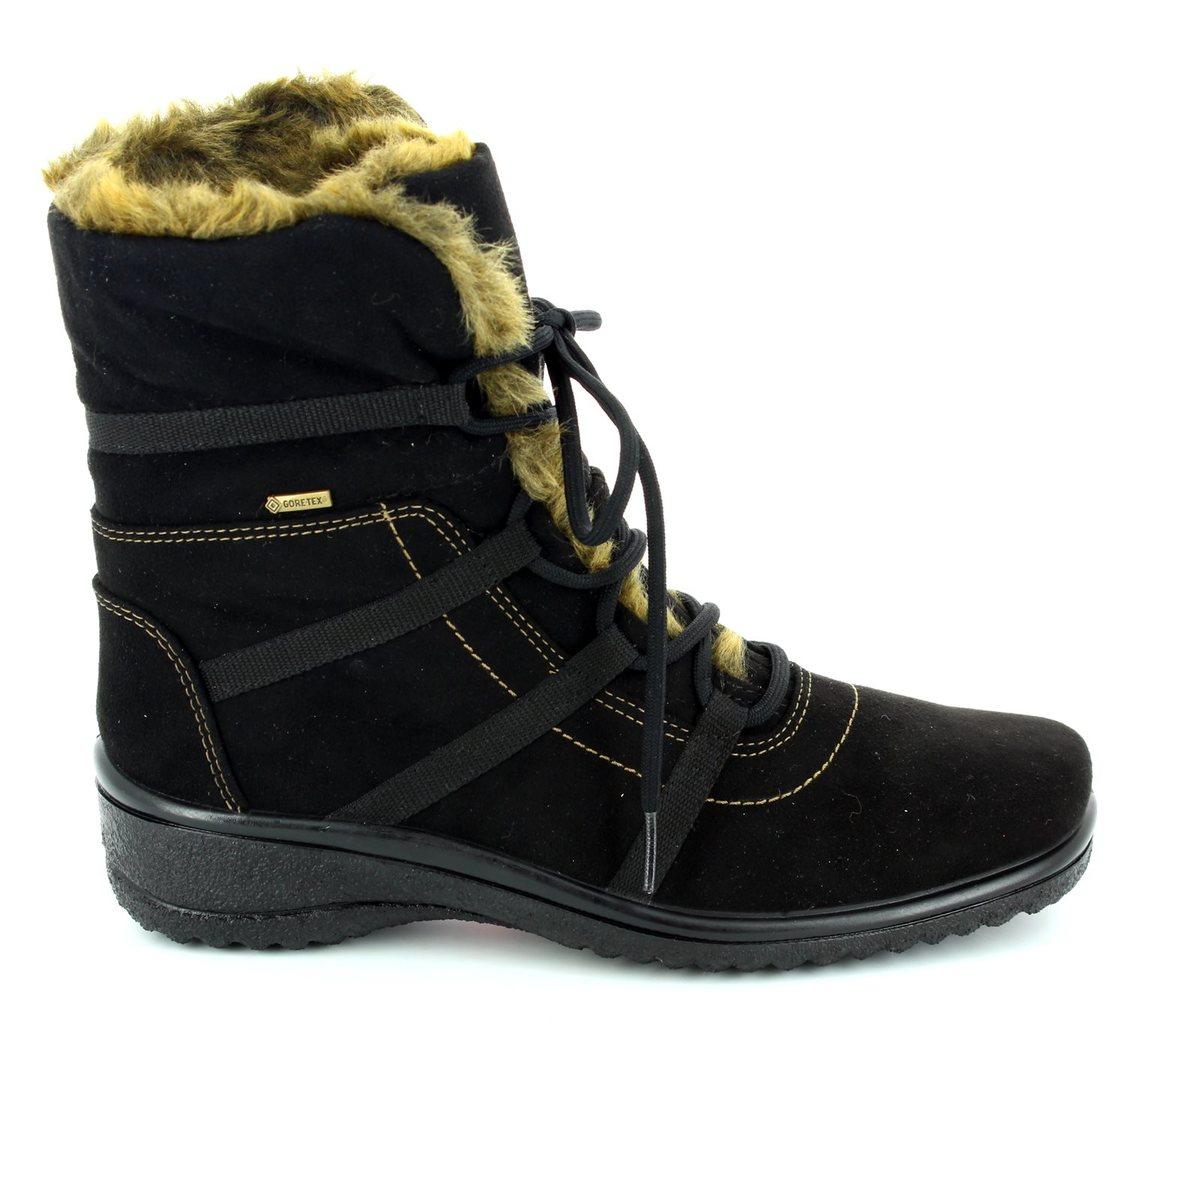 Ara Munich Gore tex 1248523 06 Black winter boots